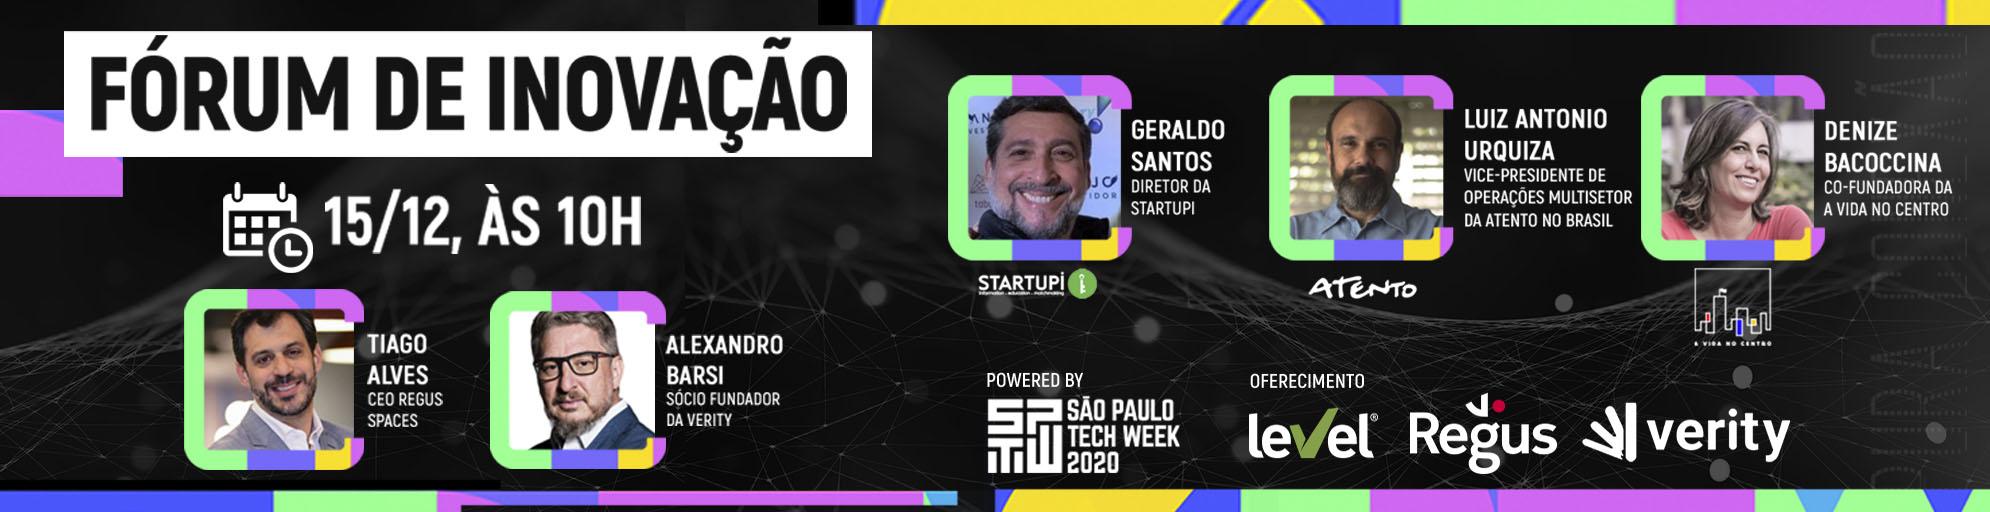 Fórum de Inovação do In.Talks em parceria com a São Paulo Tech Week